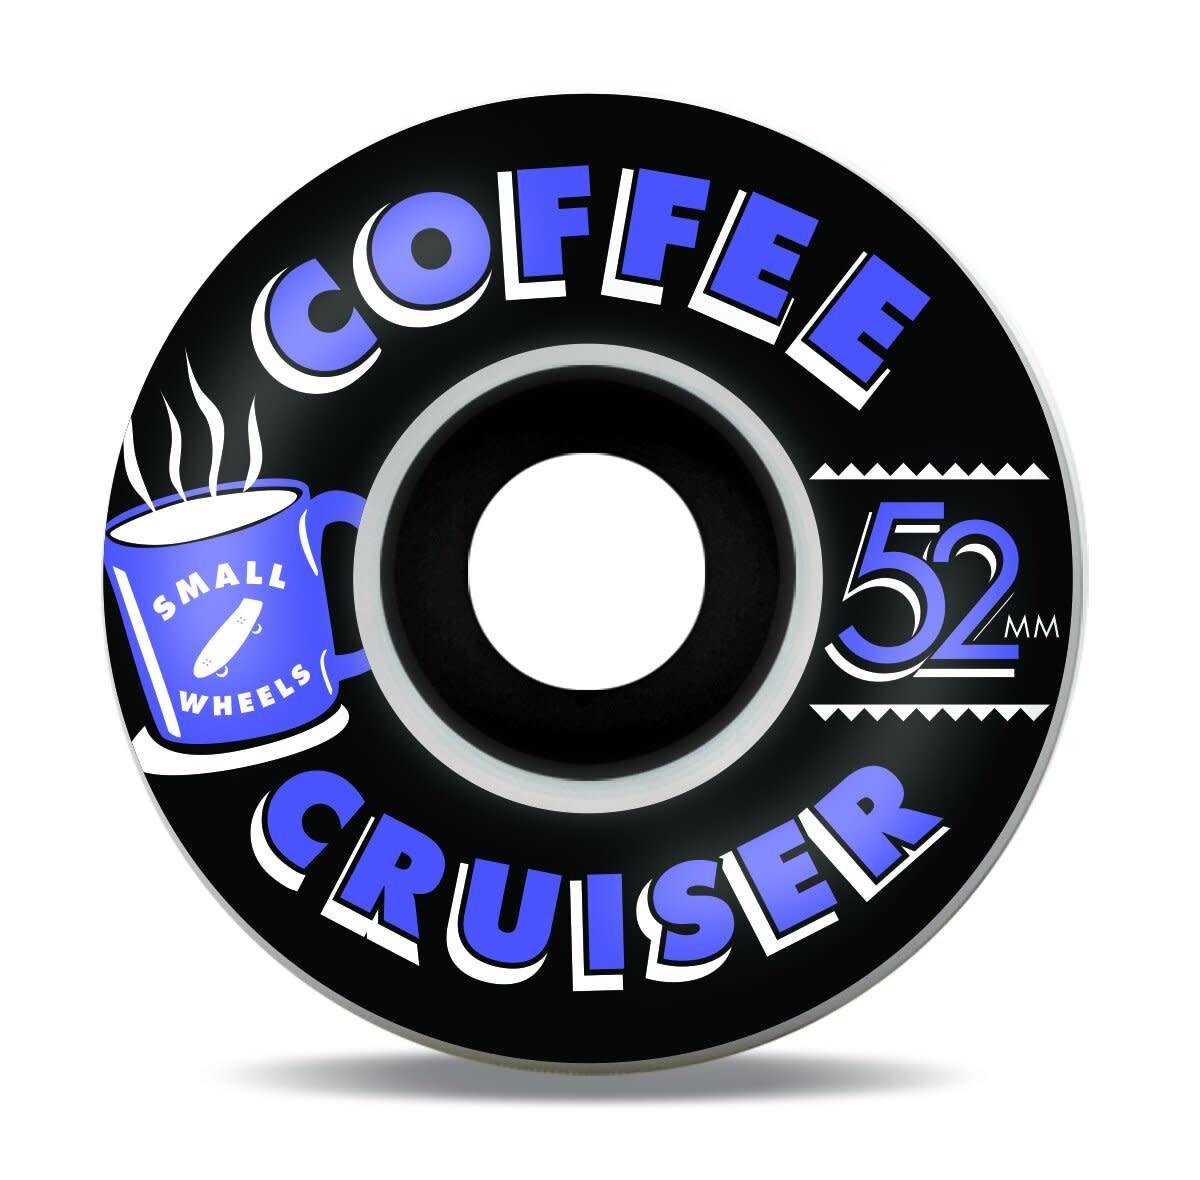 SML. Wheels Coffee Cruiser Bruisers 78a 52mm